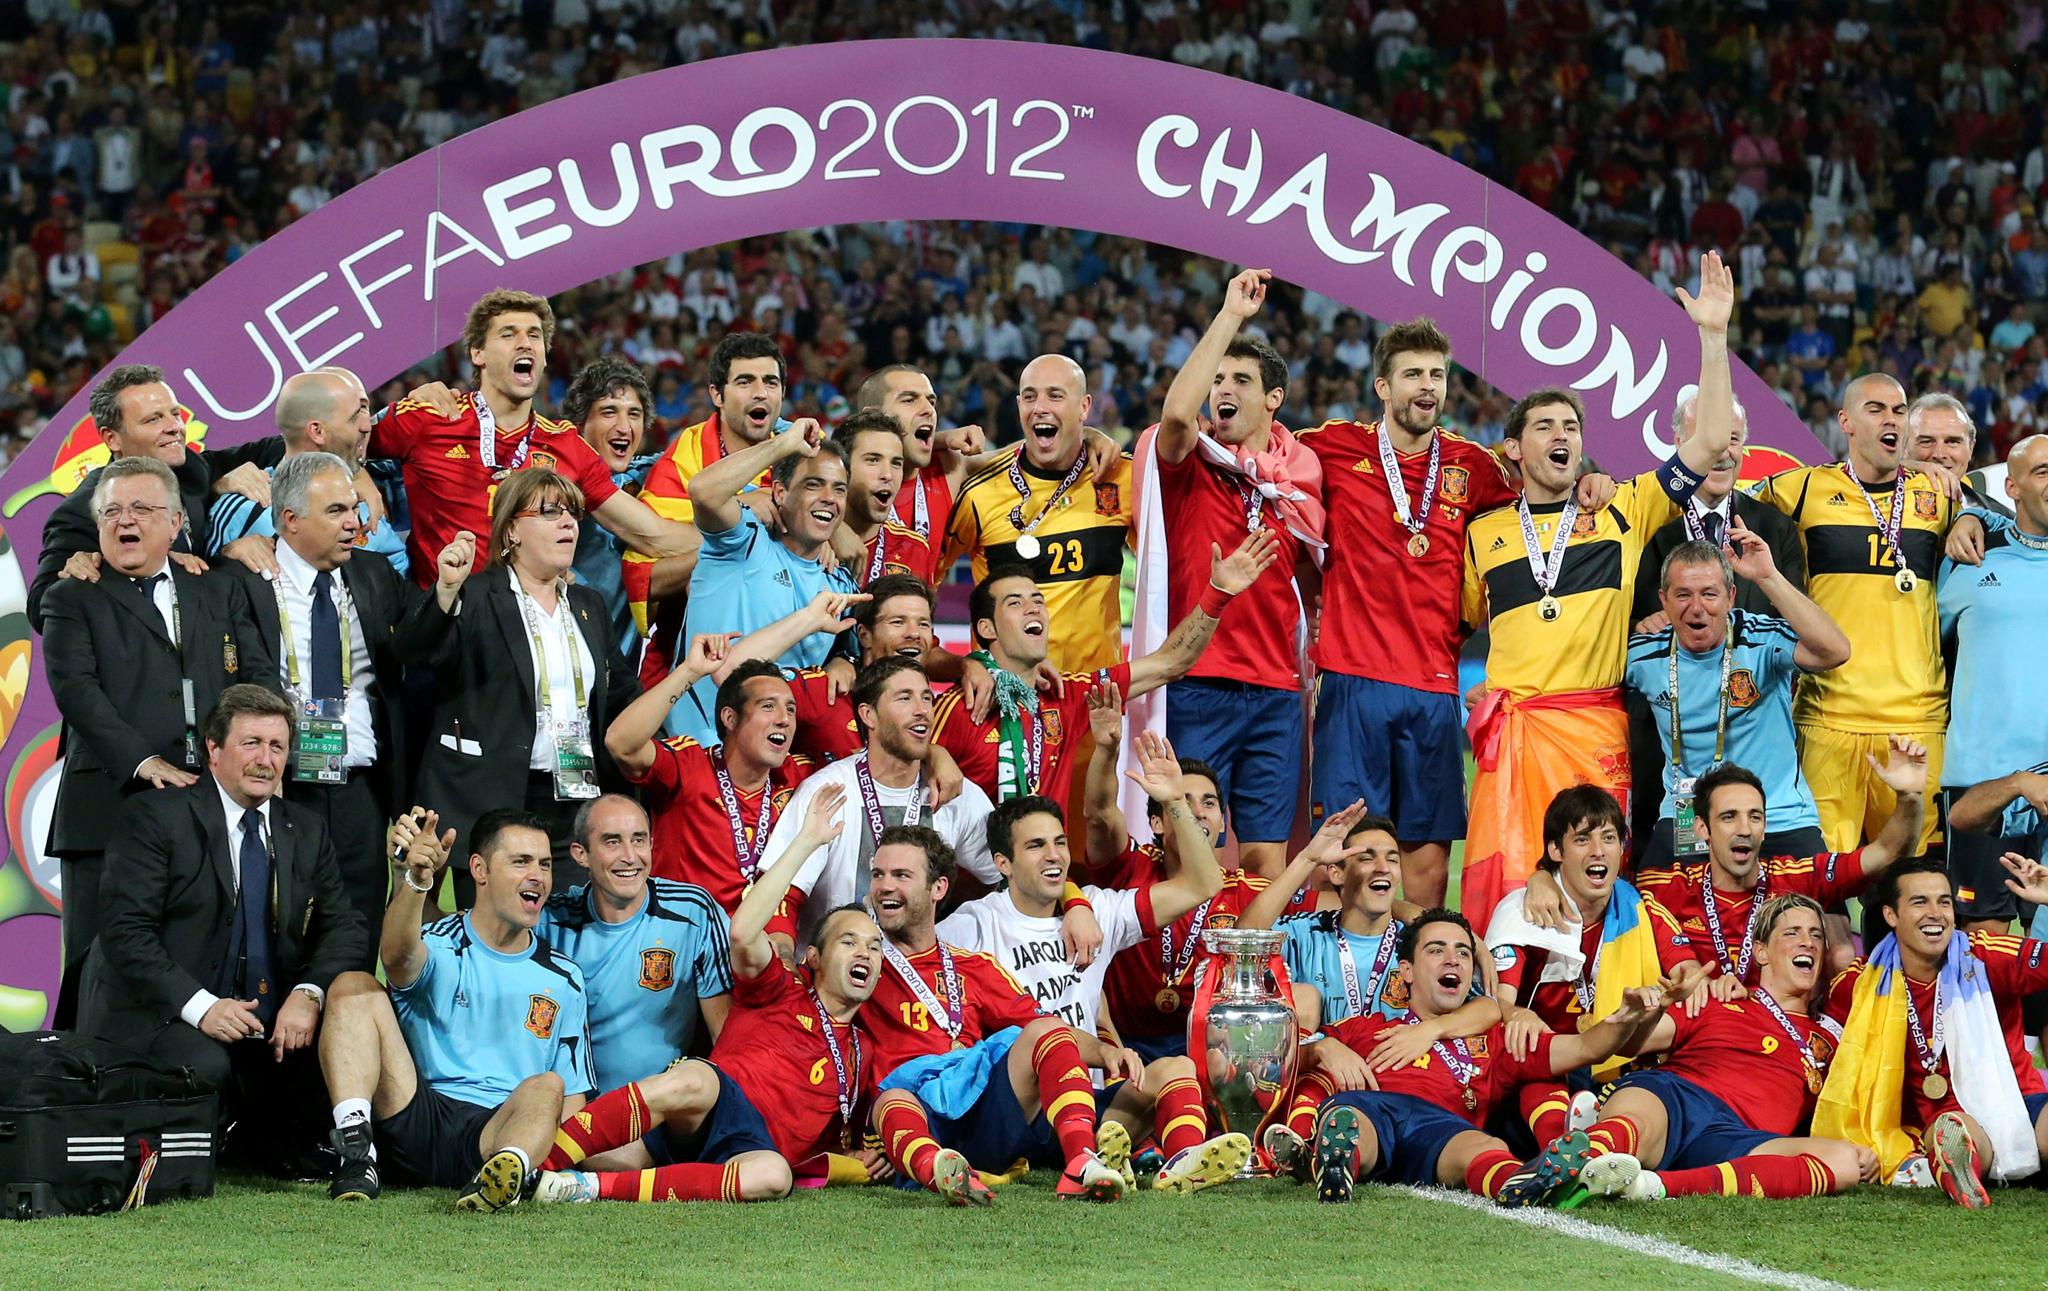 España intentará en Francia el más difícil todavía, conseguir su tercera Eurocopa consecutiva.